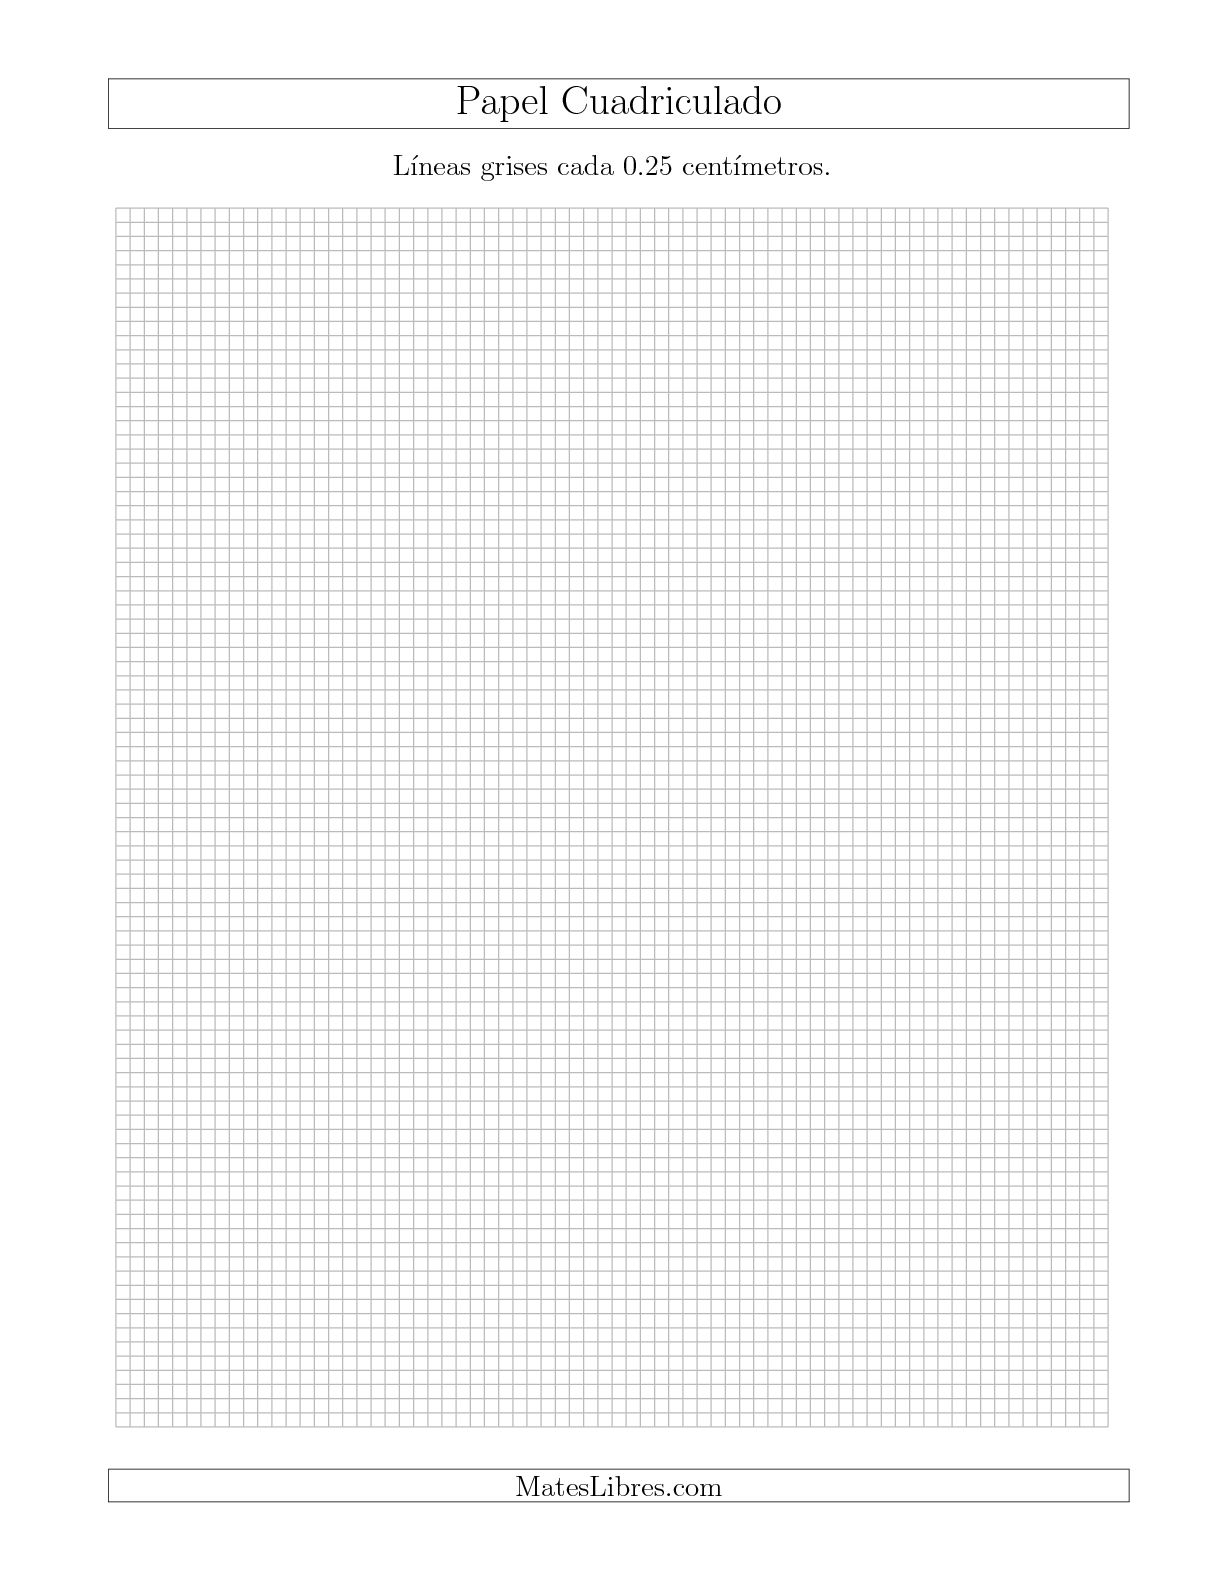 La Papel Cuadriculado de Líneas Grises cada 0.25cm, Tamaño de Papel Carta Hojas de Papel Cuadriculado